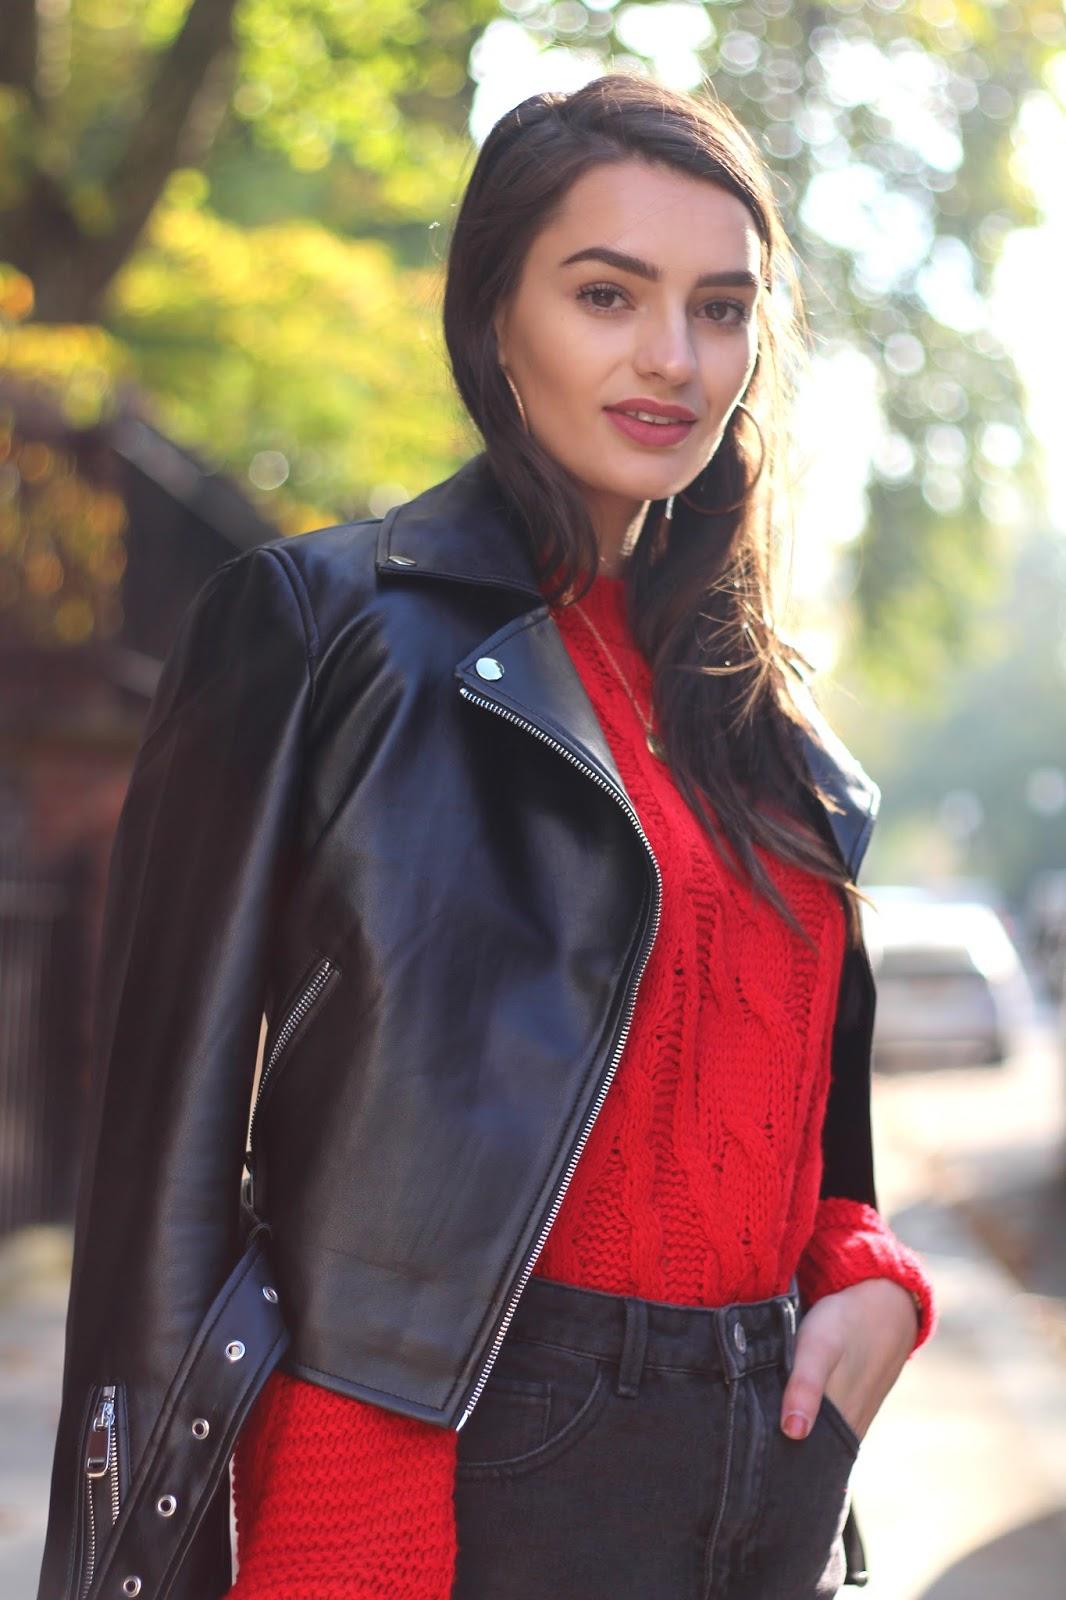 miss selfridge red jumper peexo autumn style